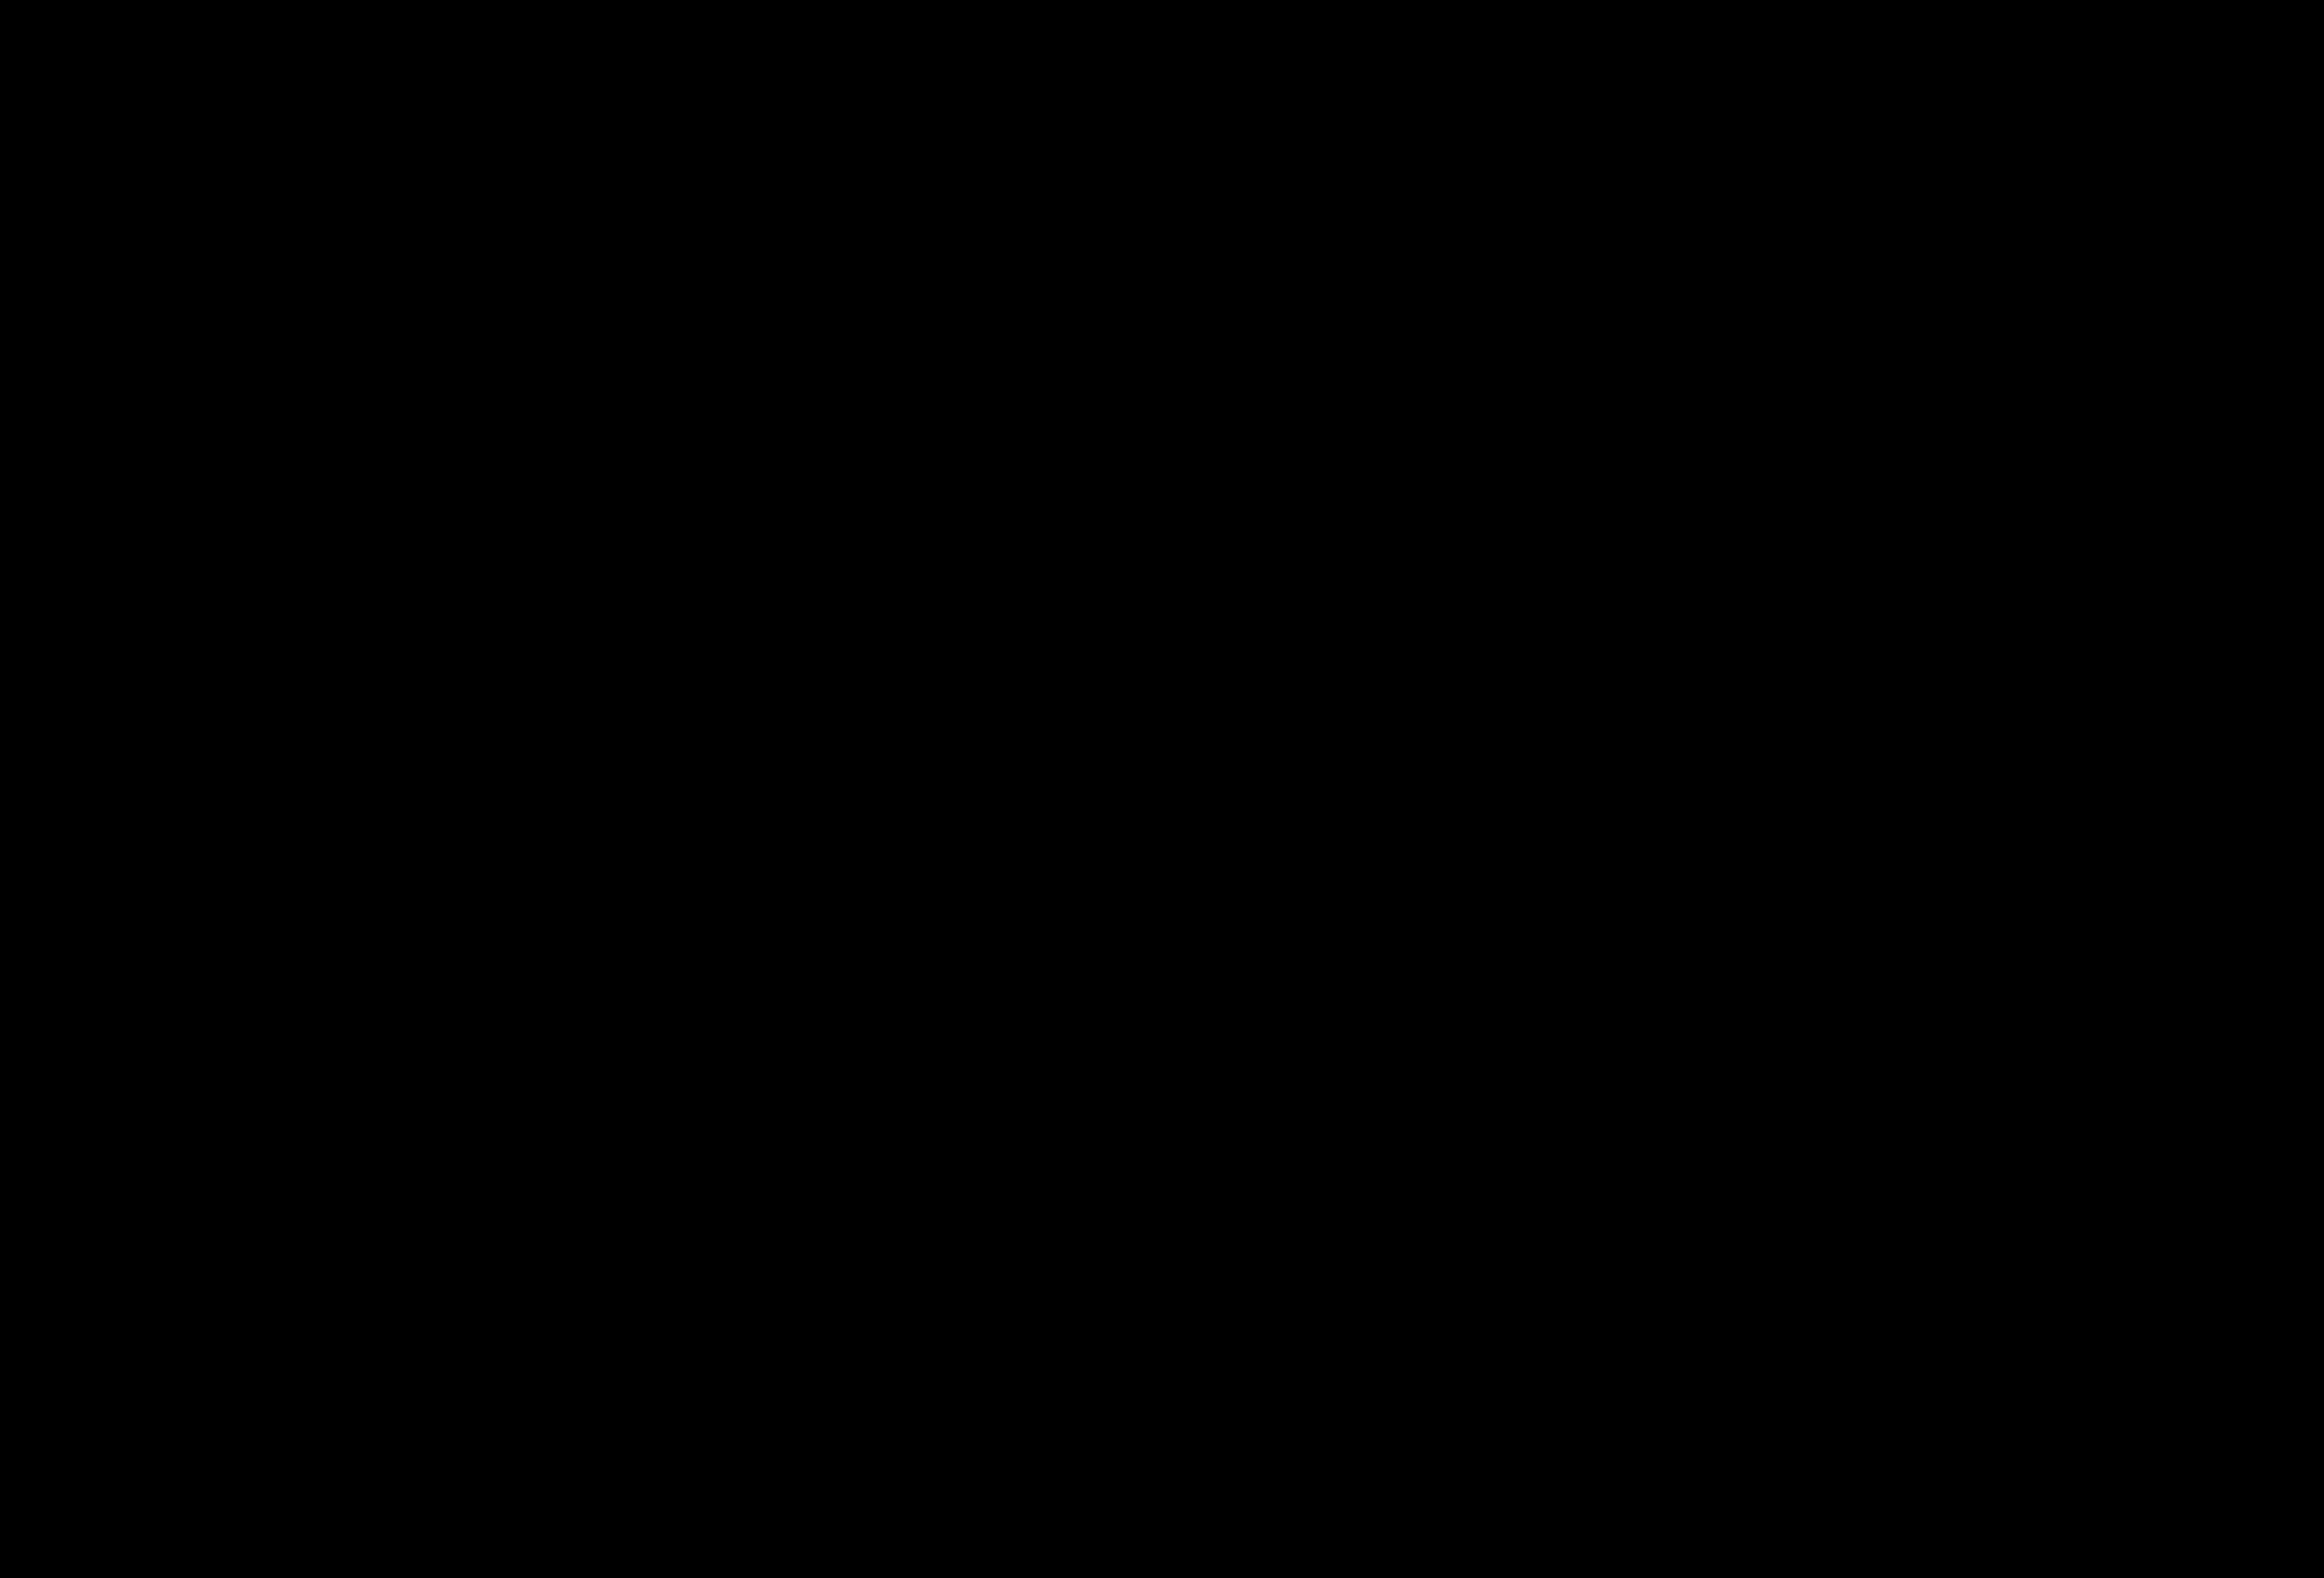 BIG IMAGE (PNG) - Flower Vase PNG Black And White